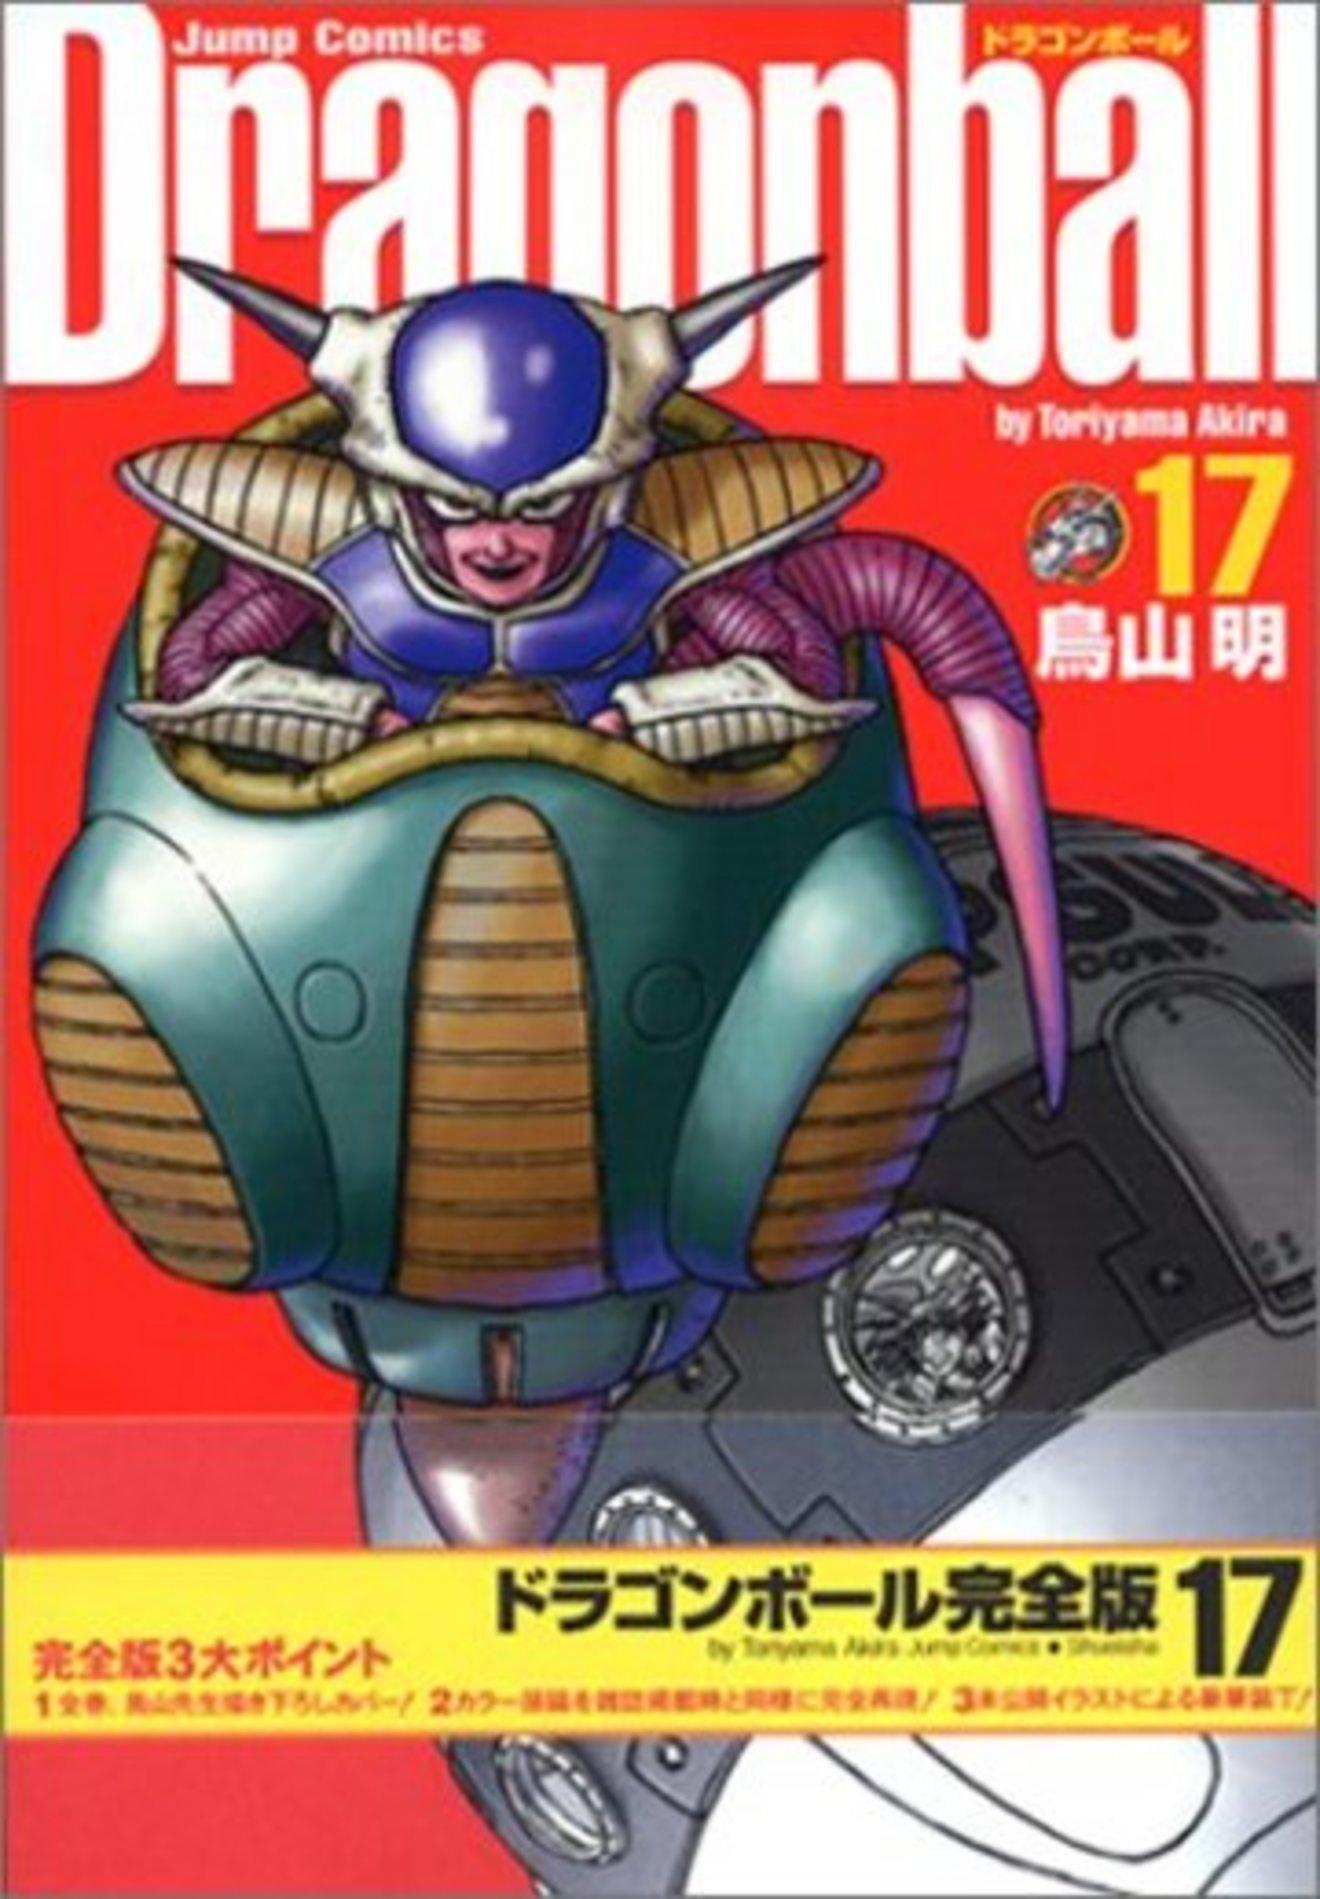 漫画『ドラゴンボール』のフリーザに関する11の事実!